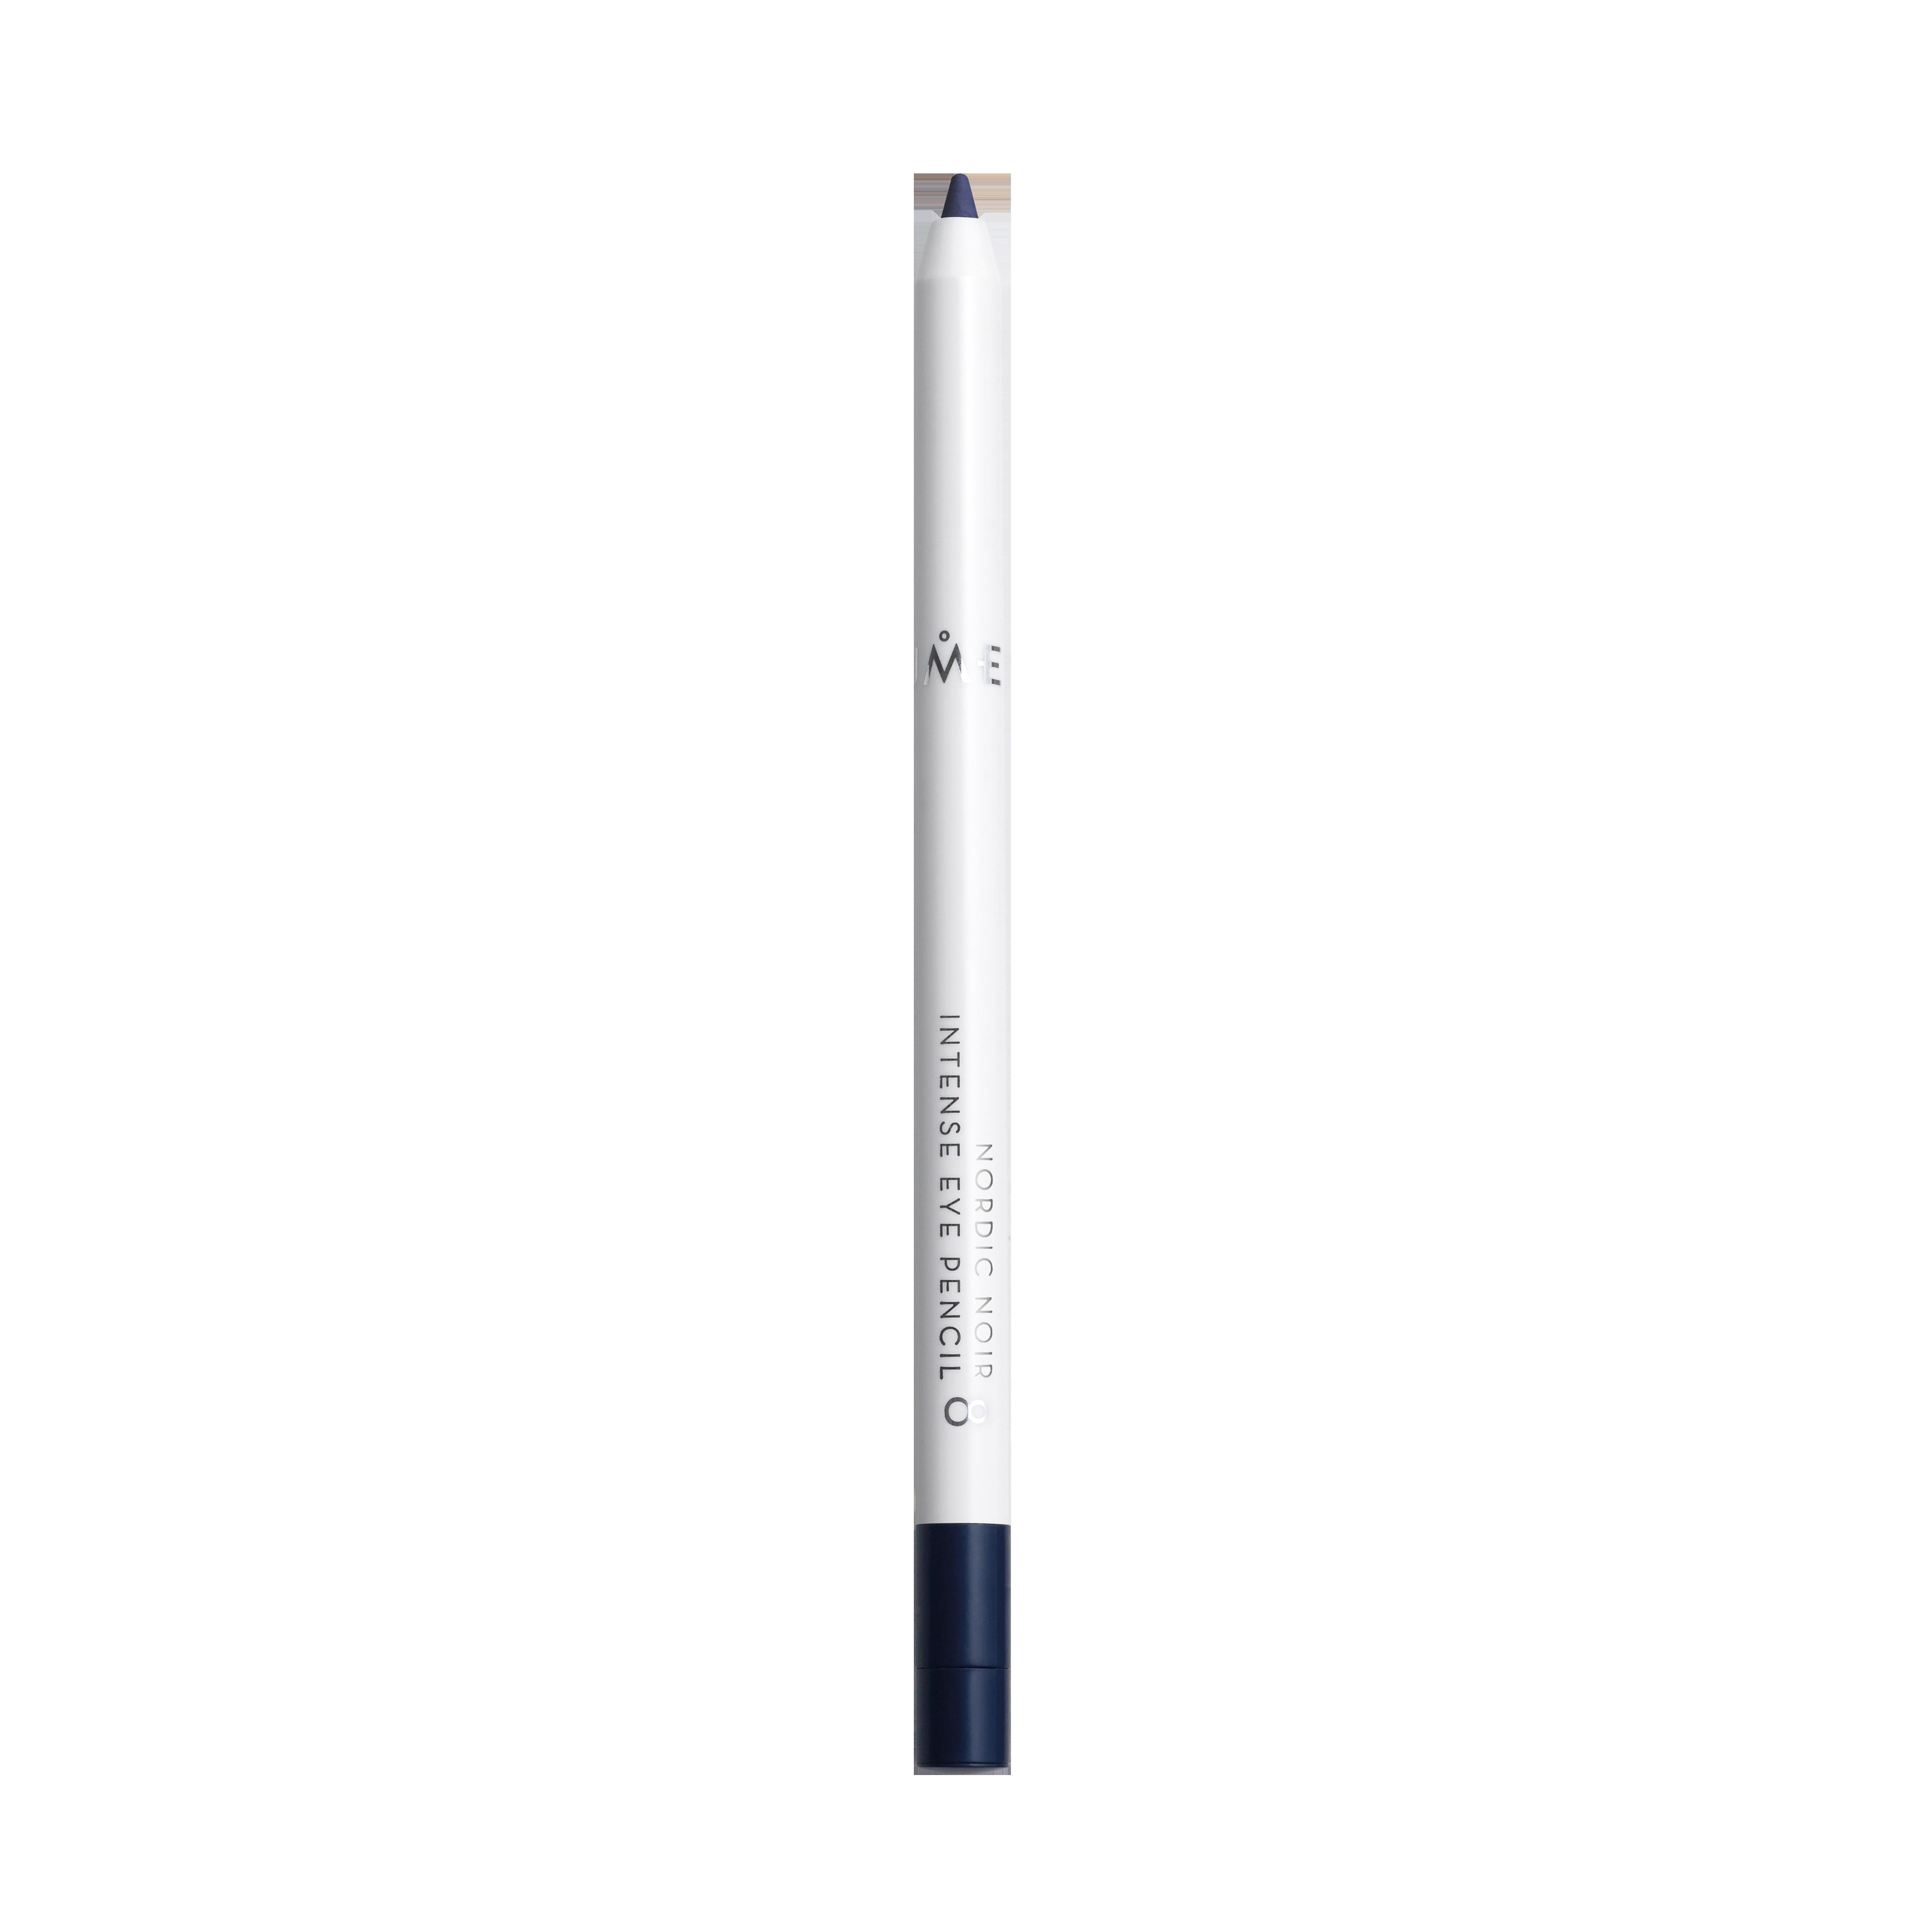 Nordic Noir Intense Eye Pencil